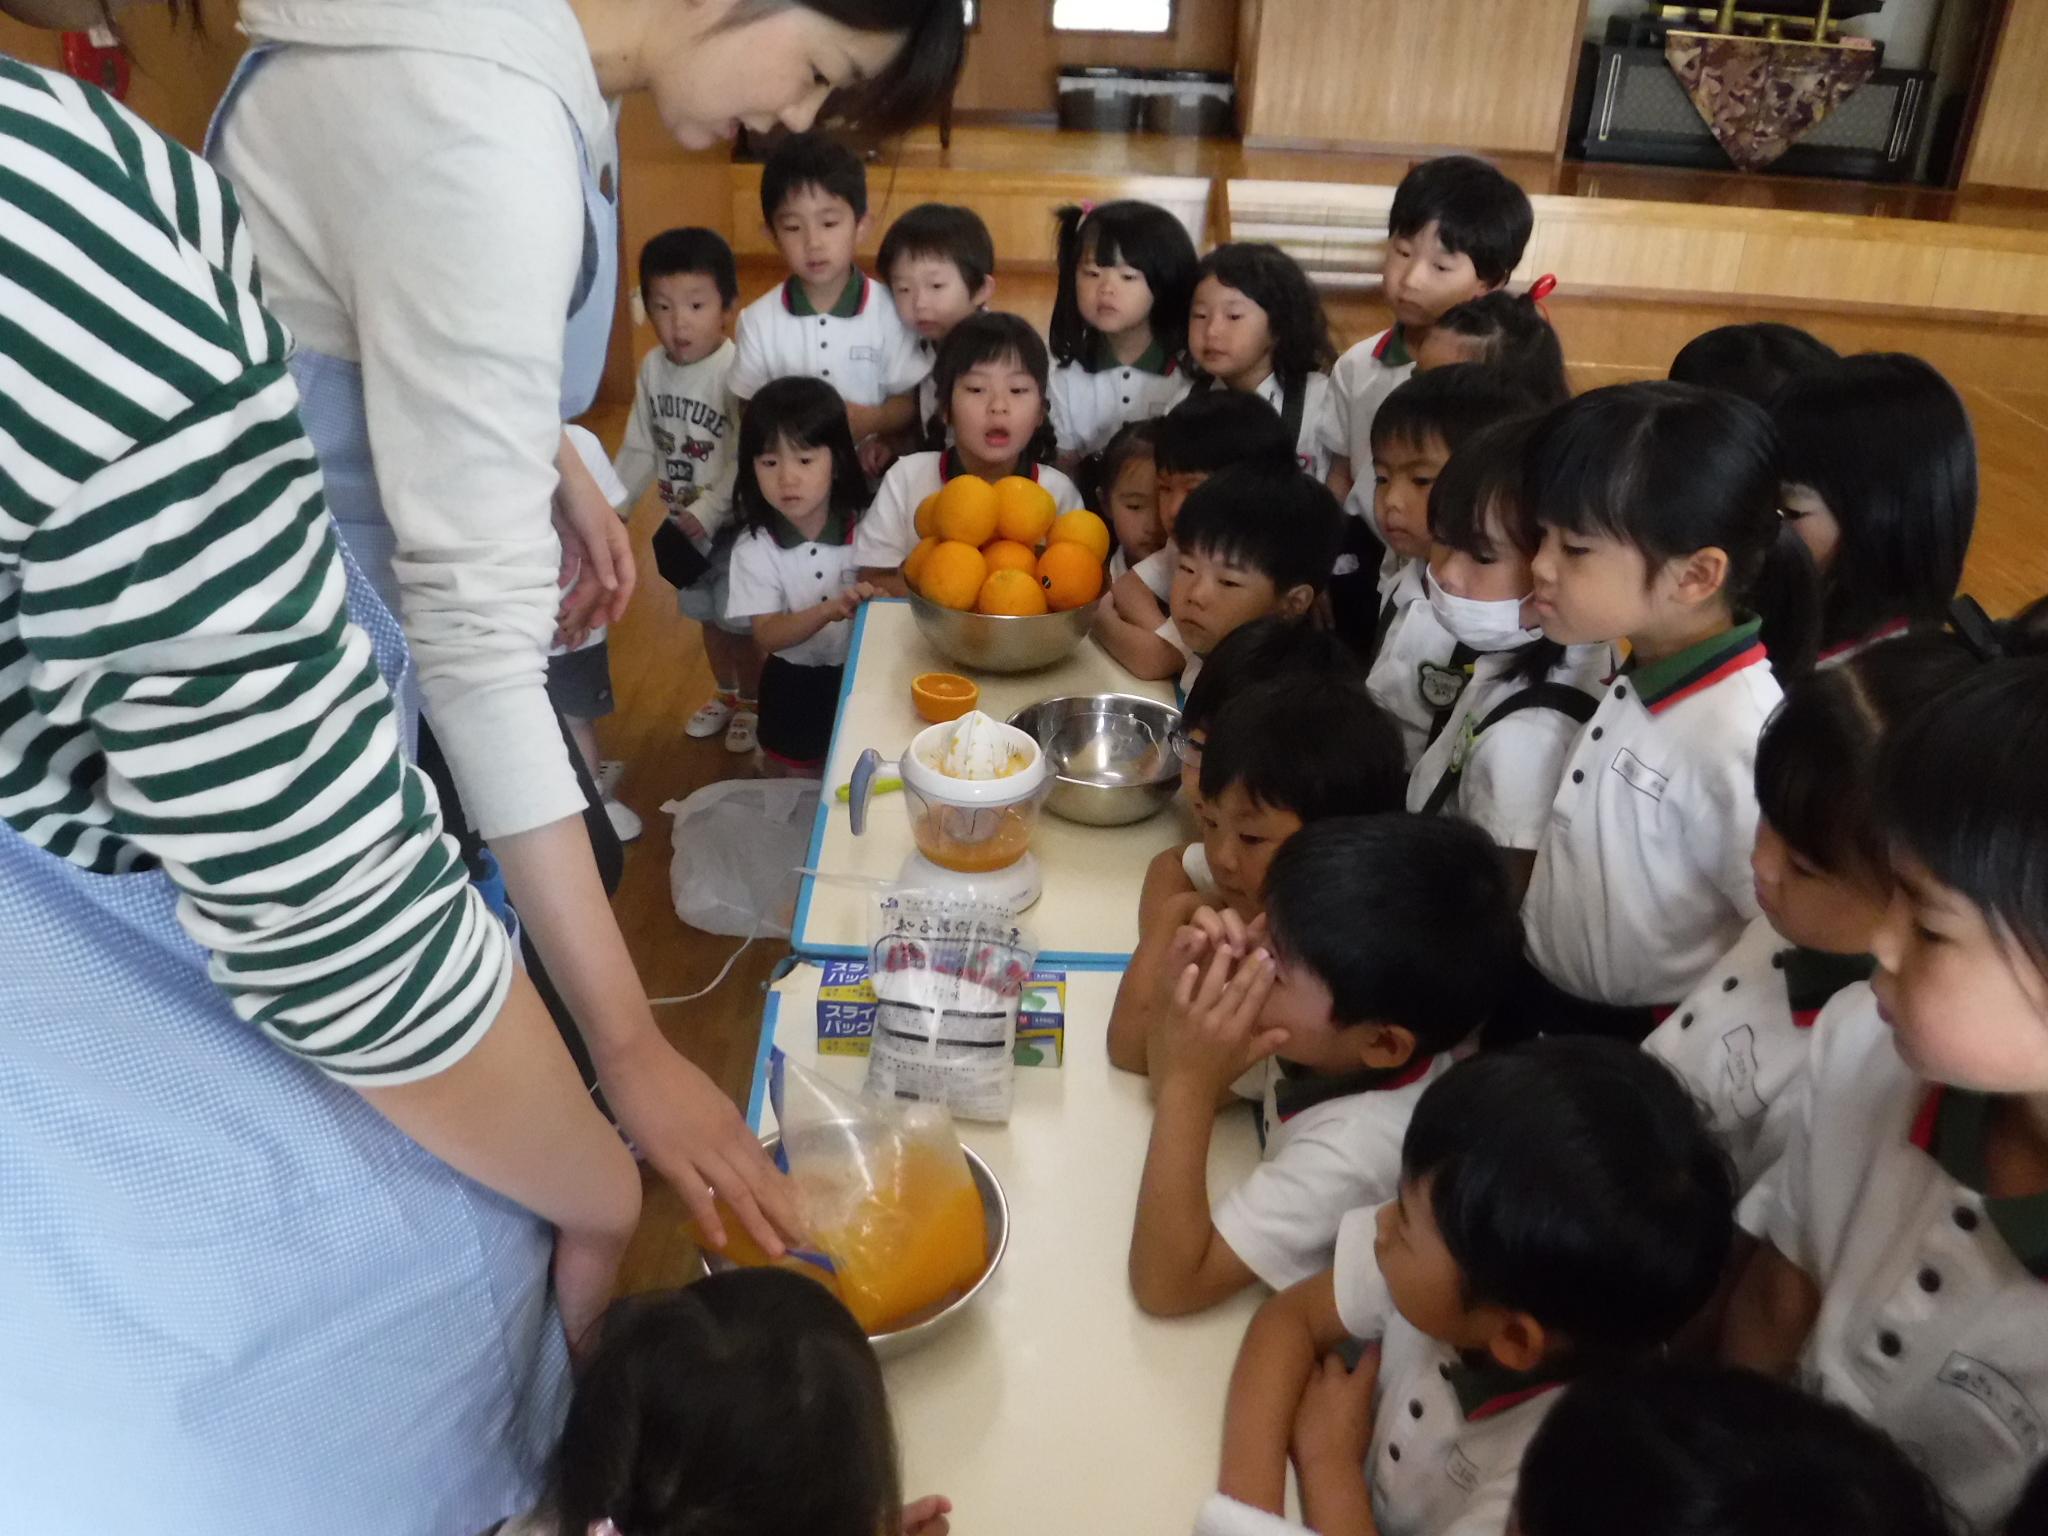 オレンジシャーベットおいしかったね♪(ダイバーシティタイム)